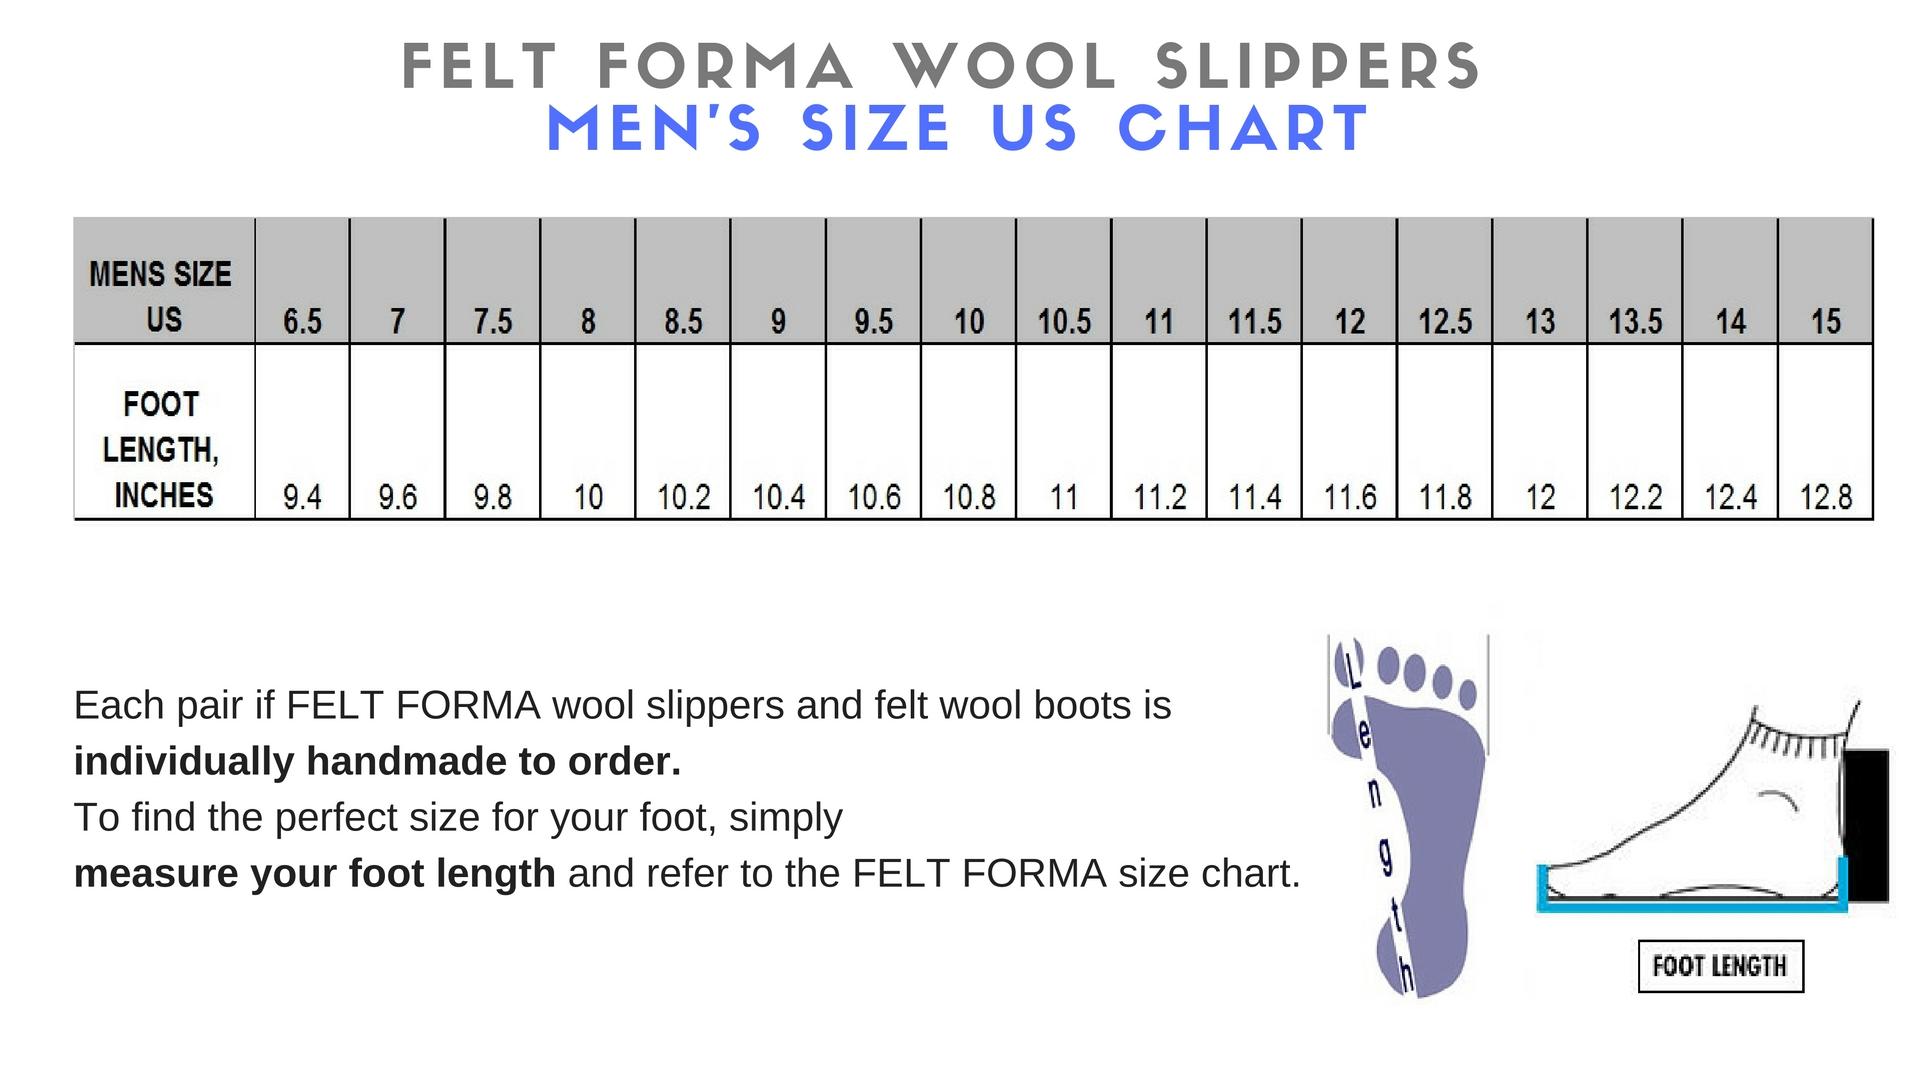 felt forma wool slippers SIZES MENS.jpg